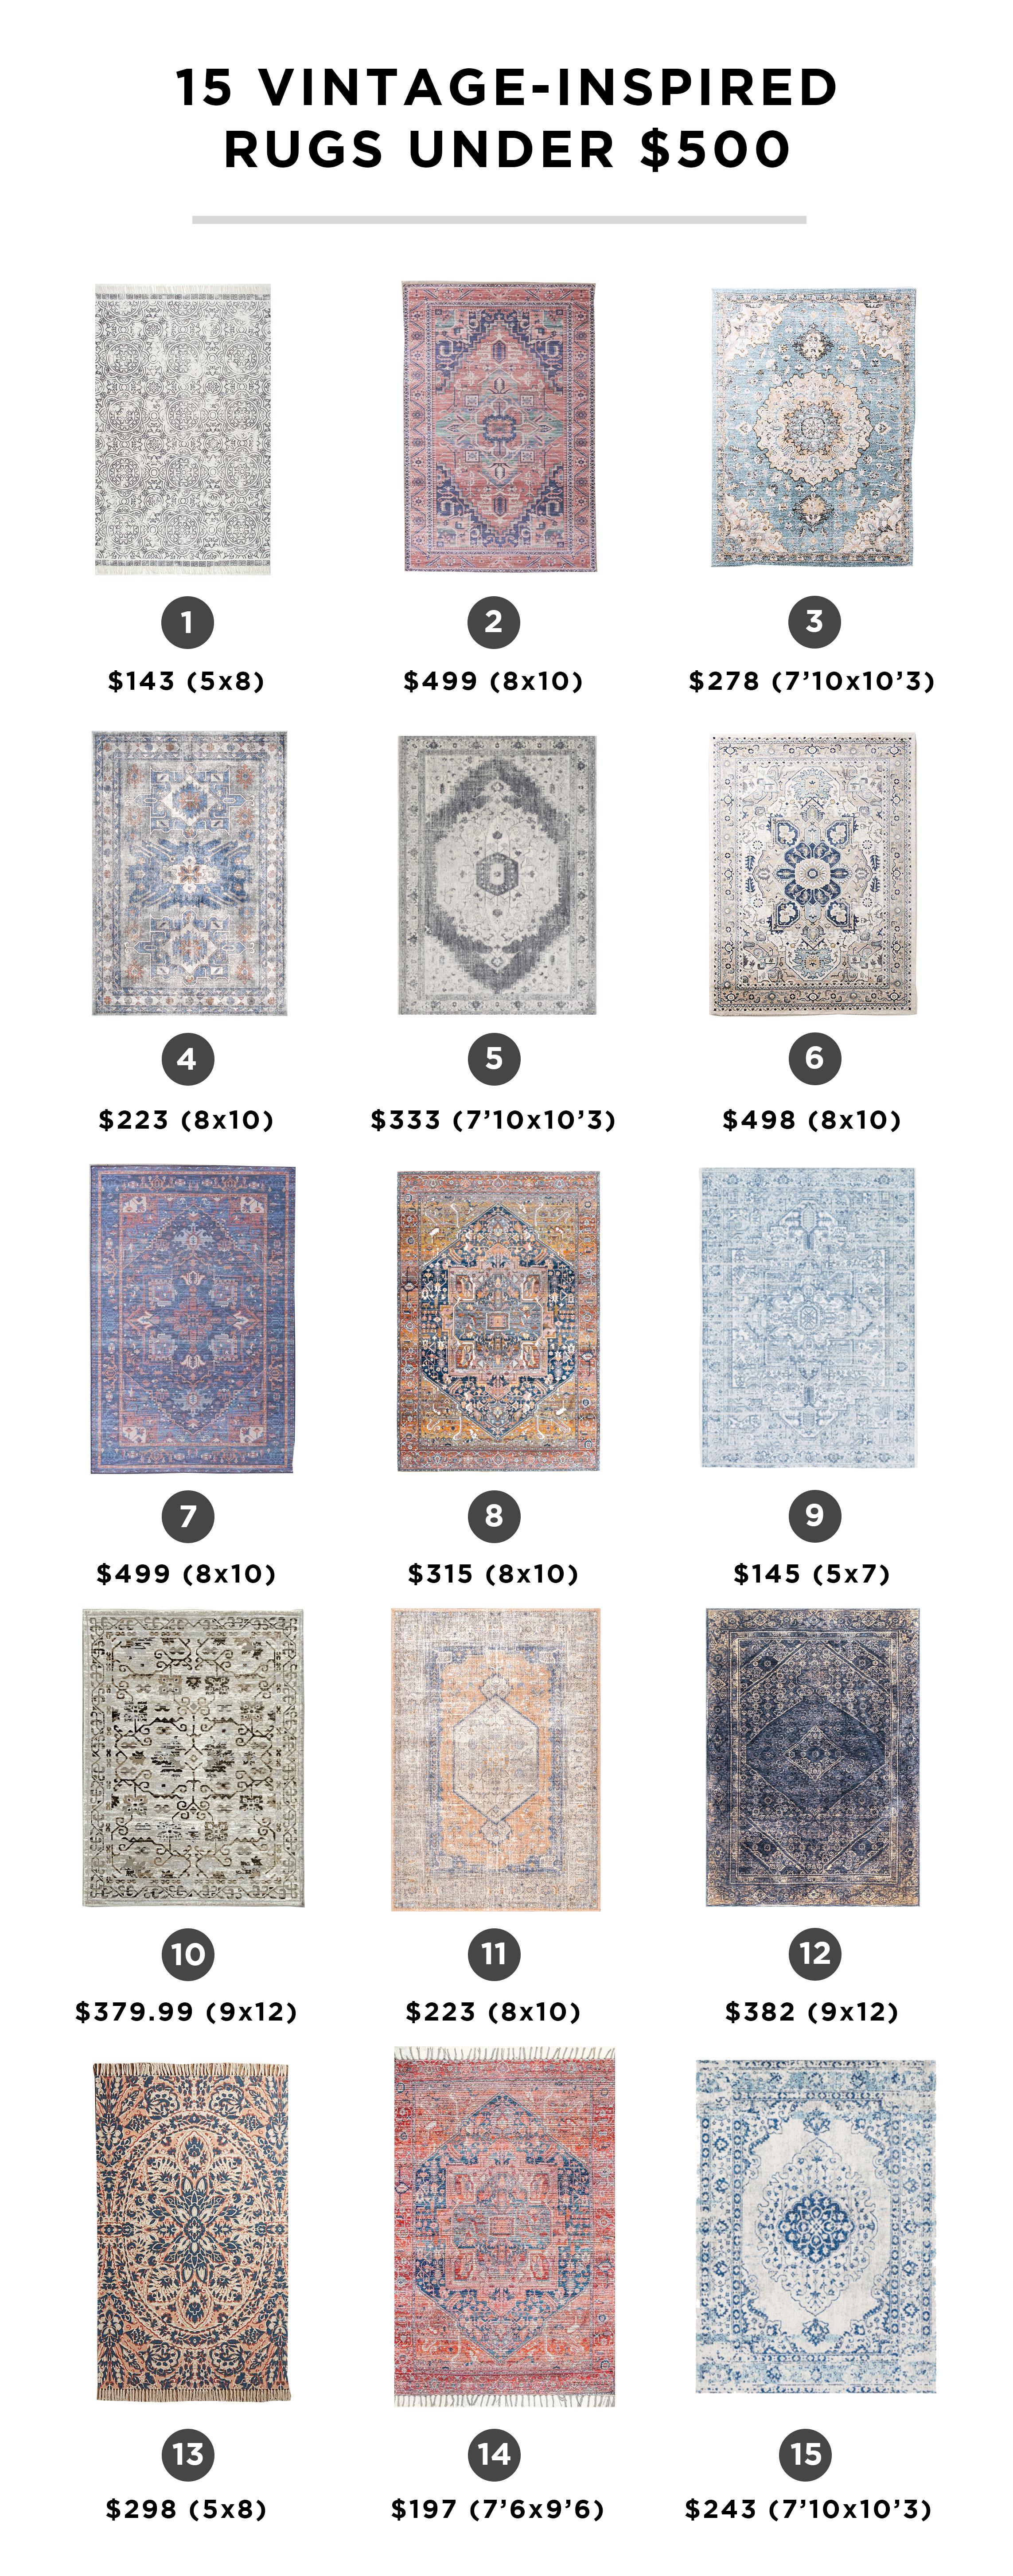 15-vintage-inspired-rugs.jpg